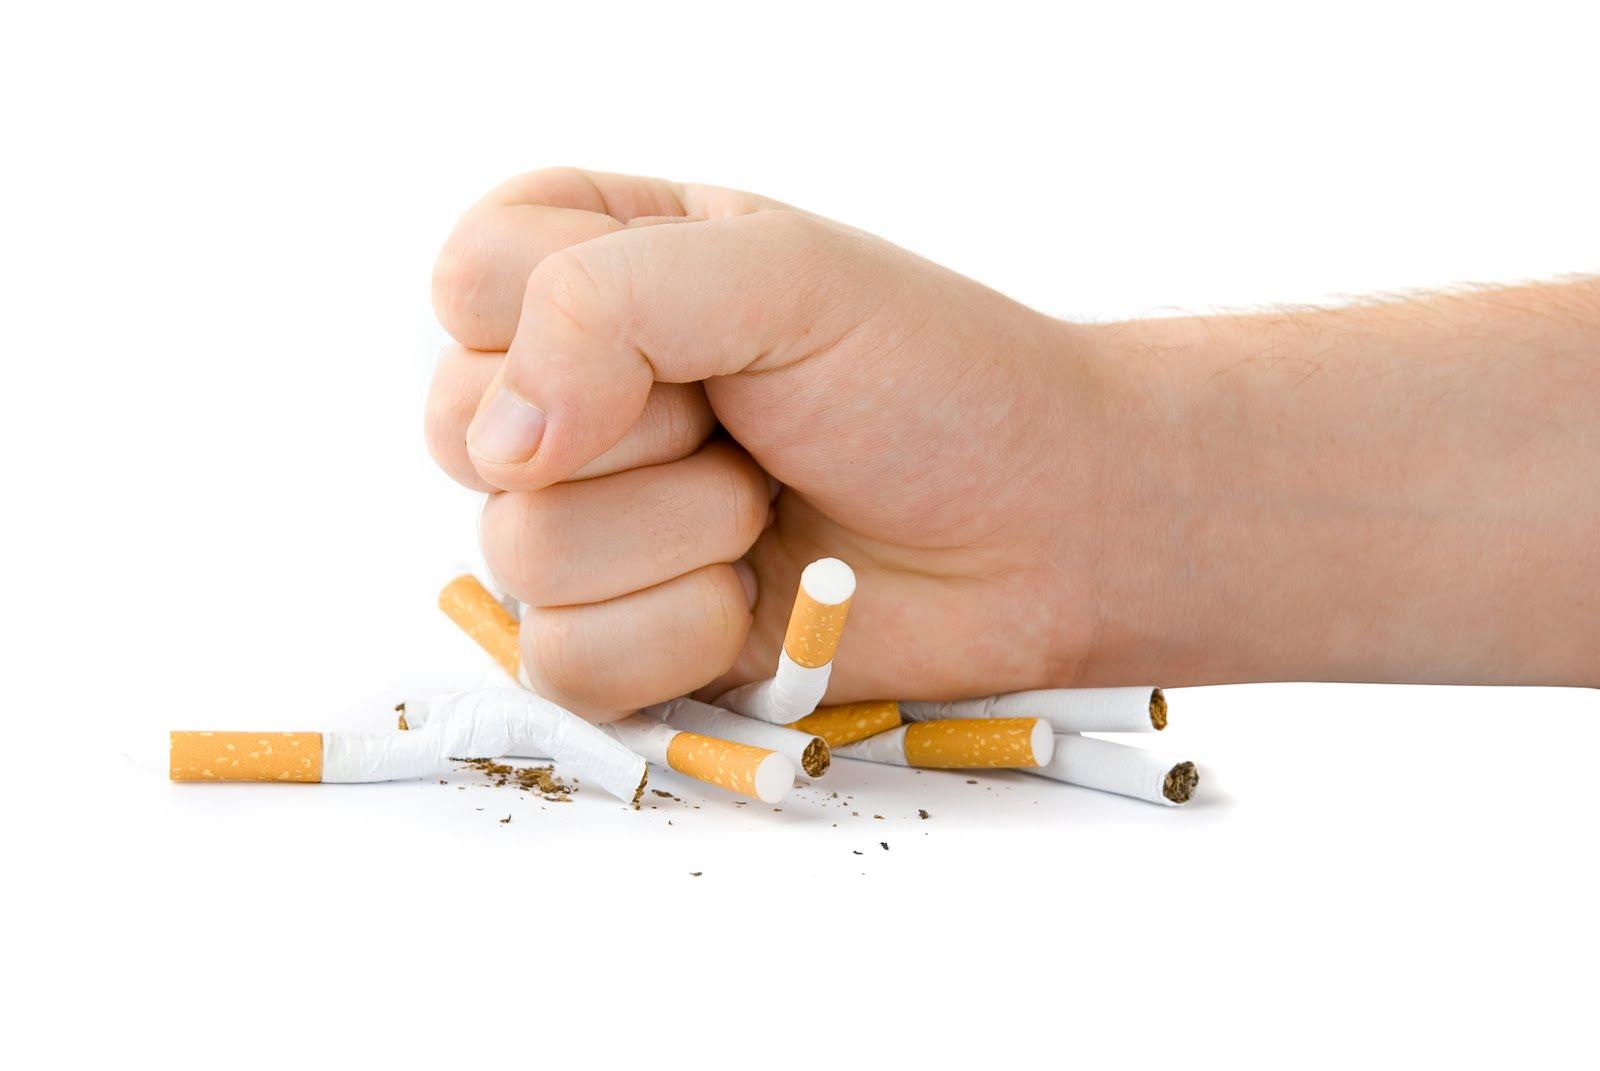 La vérité sur les cigarettes d'aujourd'hui: ce qu'ils ne veulent pas que vous sachiez